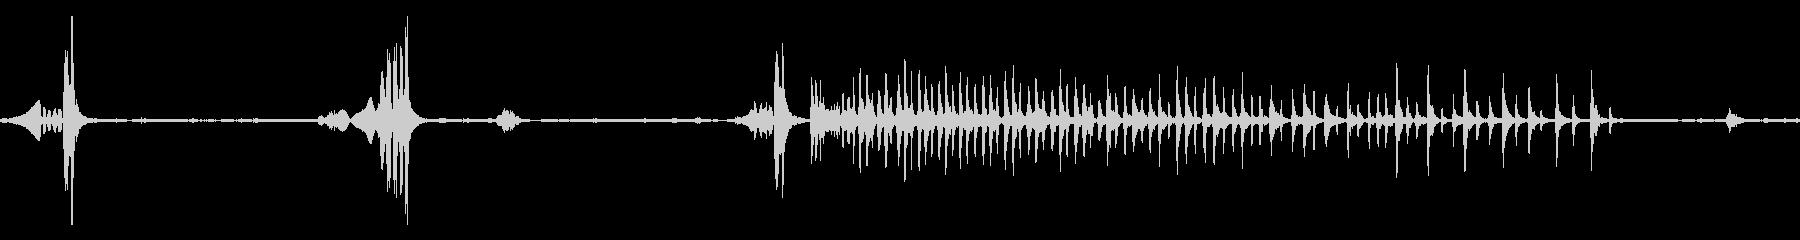 谷戸山公園_ウグイスの鳴き声(ループ)の未再生の波形